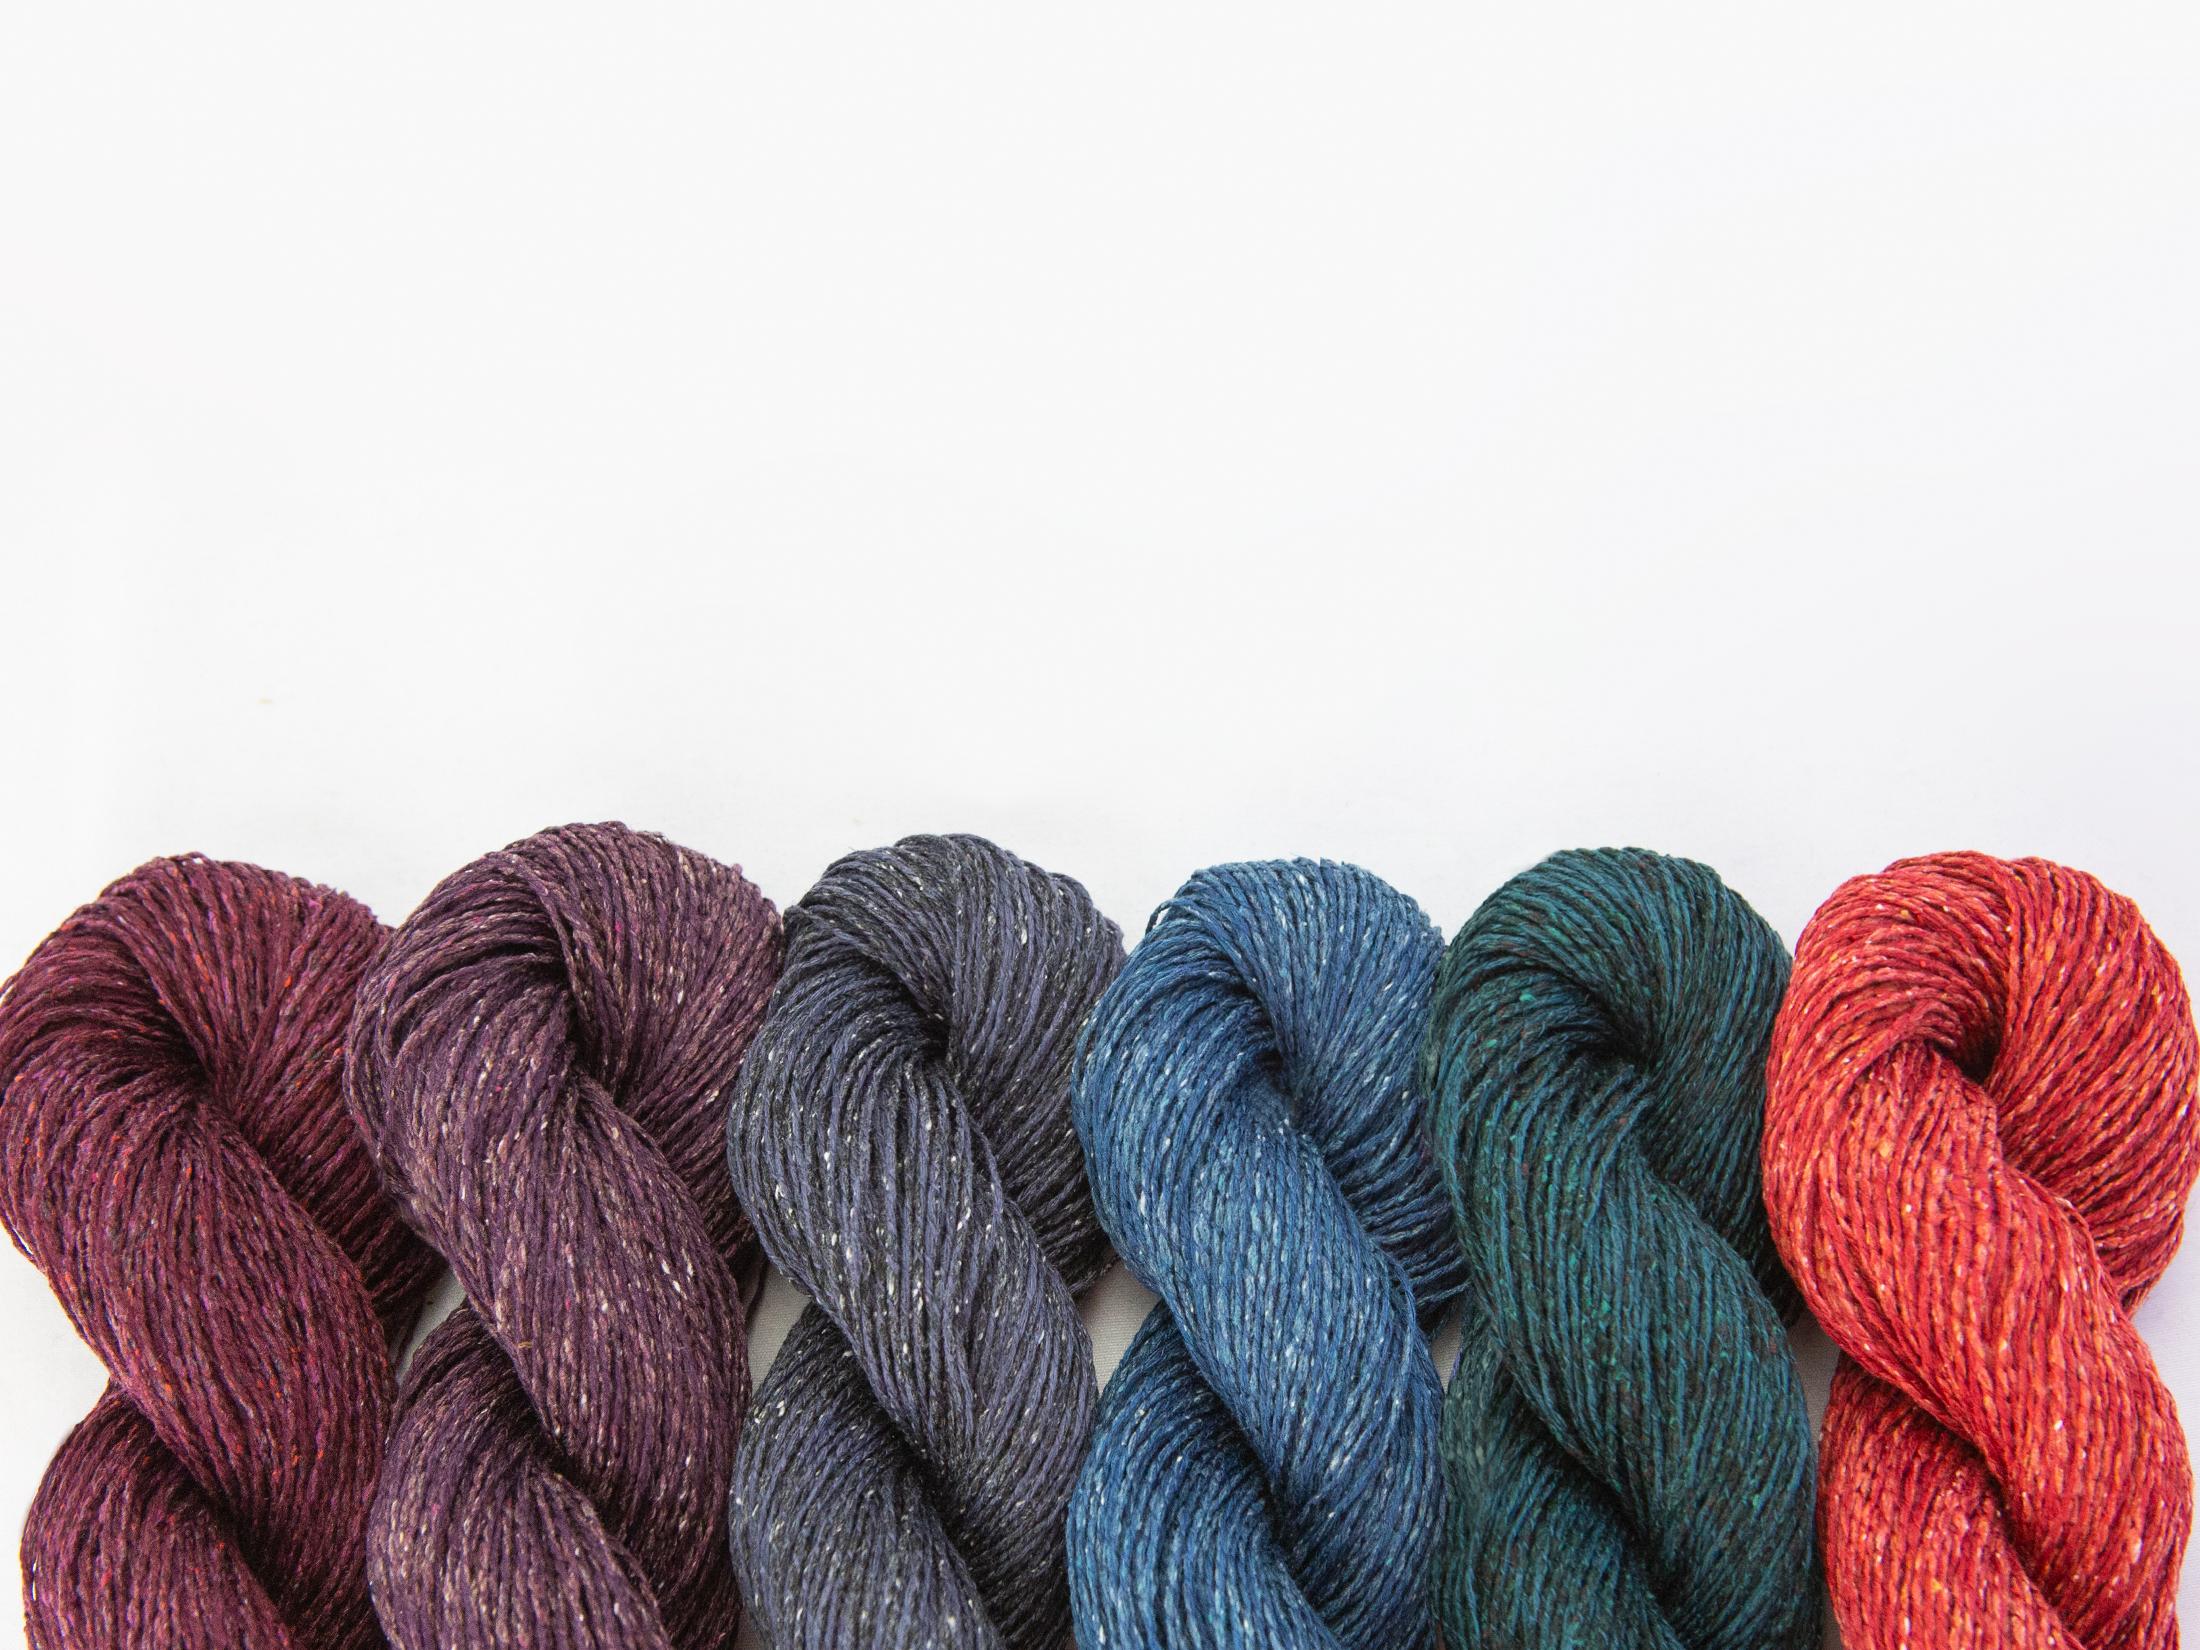 Order New FA19 Twig Colors